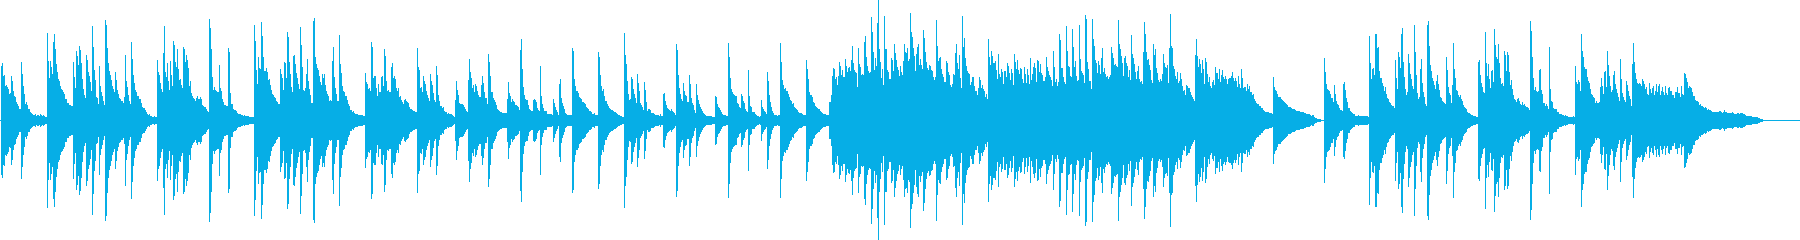 ピアノソロの切ない・儚いBGMの再生済みの波形